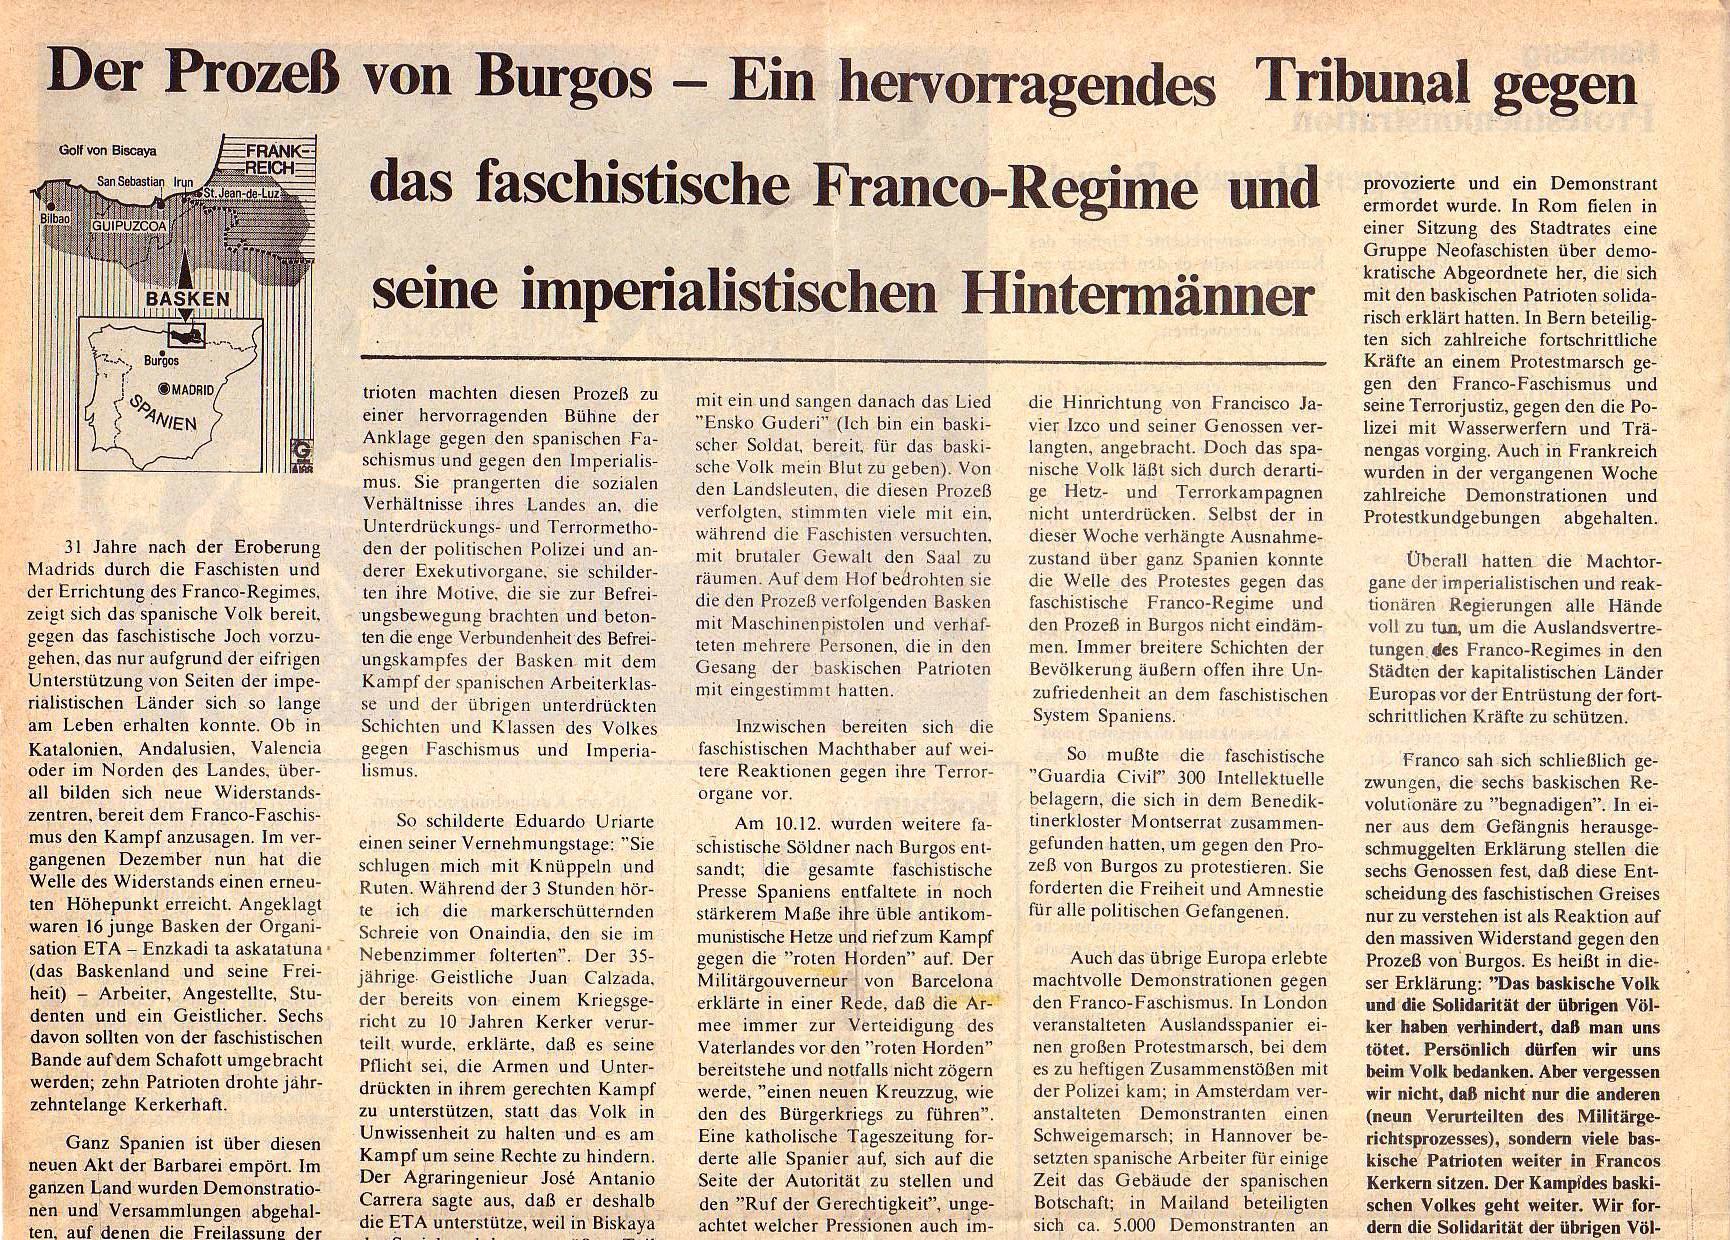 Roter Morgen, 5. Jg., Januar 1971, Nr. 1, Seite 6a